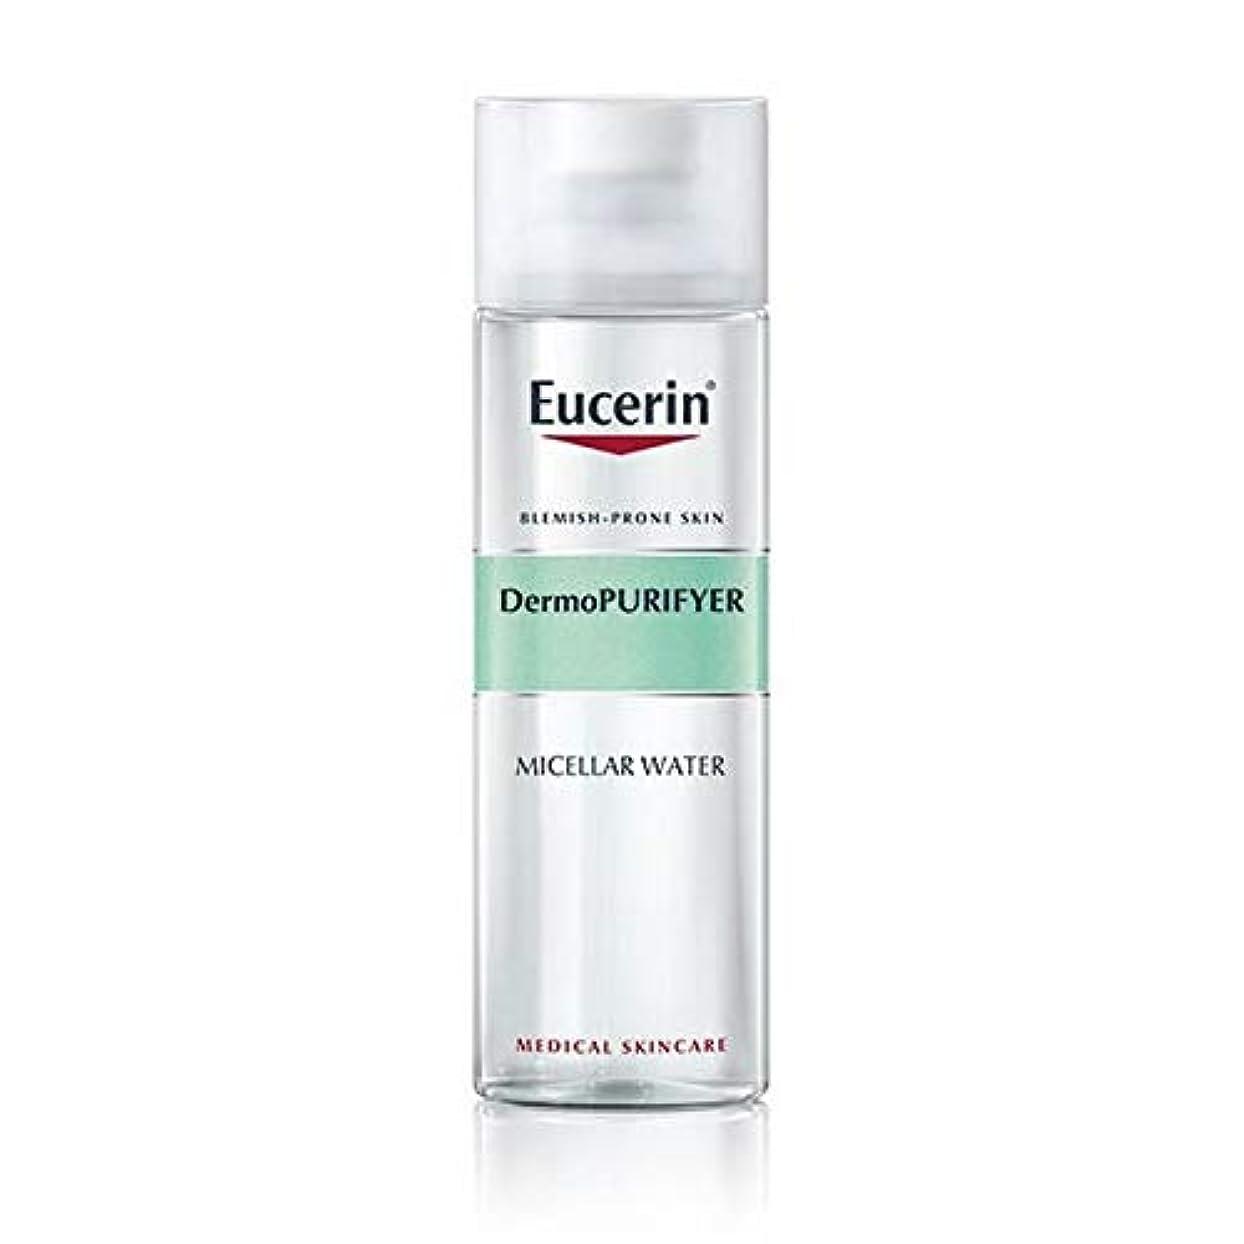 ほこりダウンタウン暴露する[Eucerin ] オイルコントロールミセル水200ミリリットルDermopurifyerユーセリン - Eucerin Dermopurifyer Oil Control Micellar Water 200ml [...